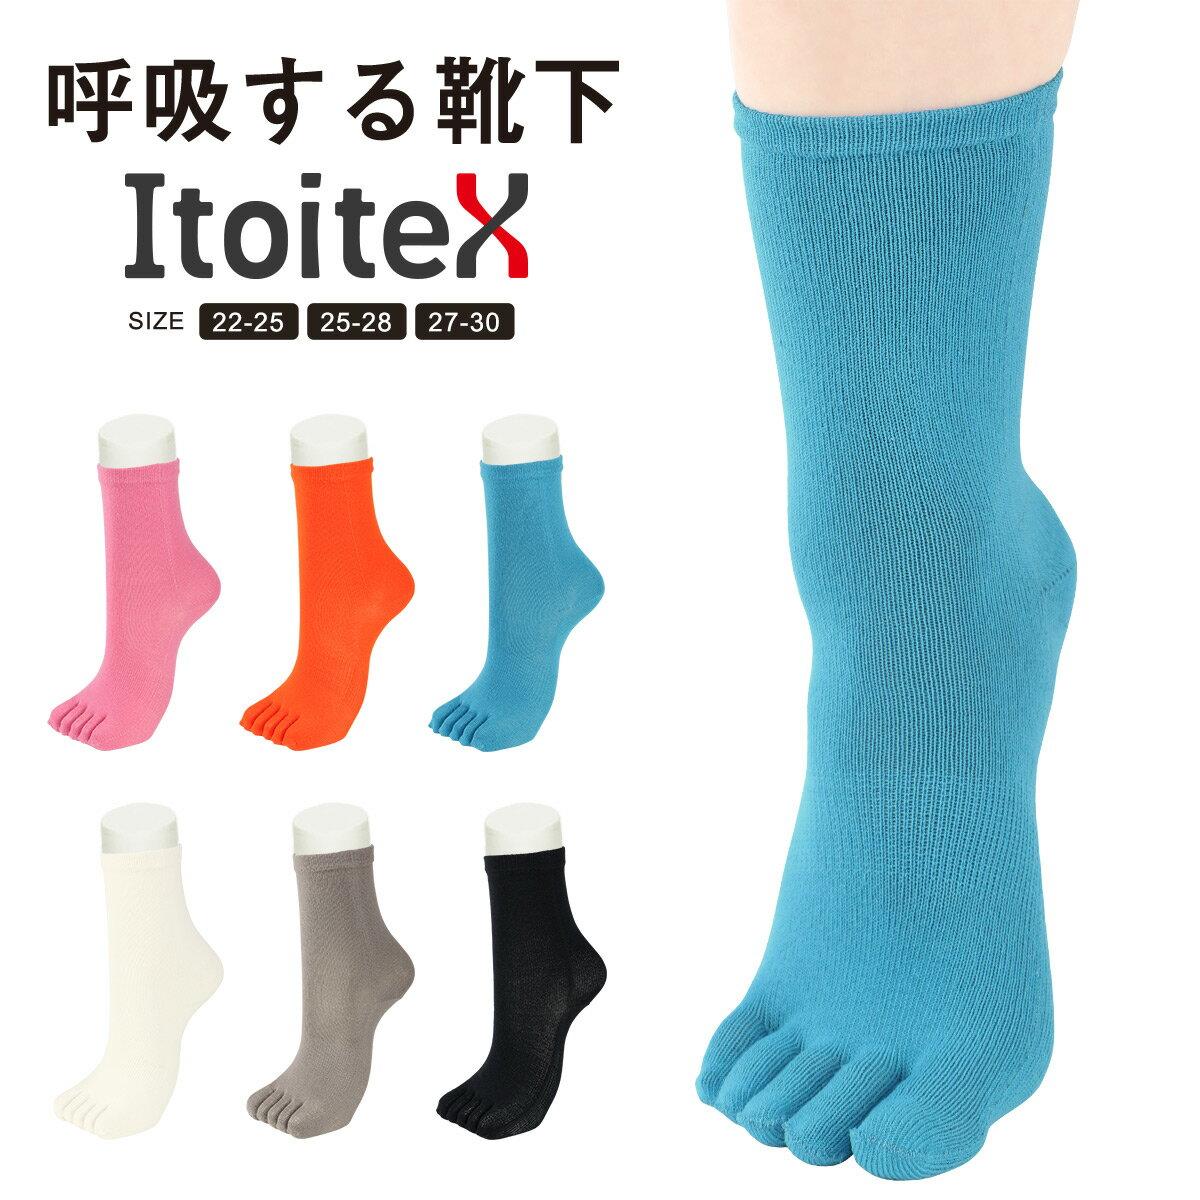 Itoitex(イトイテックス) ランニングソックス セミロング 5本指